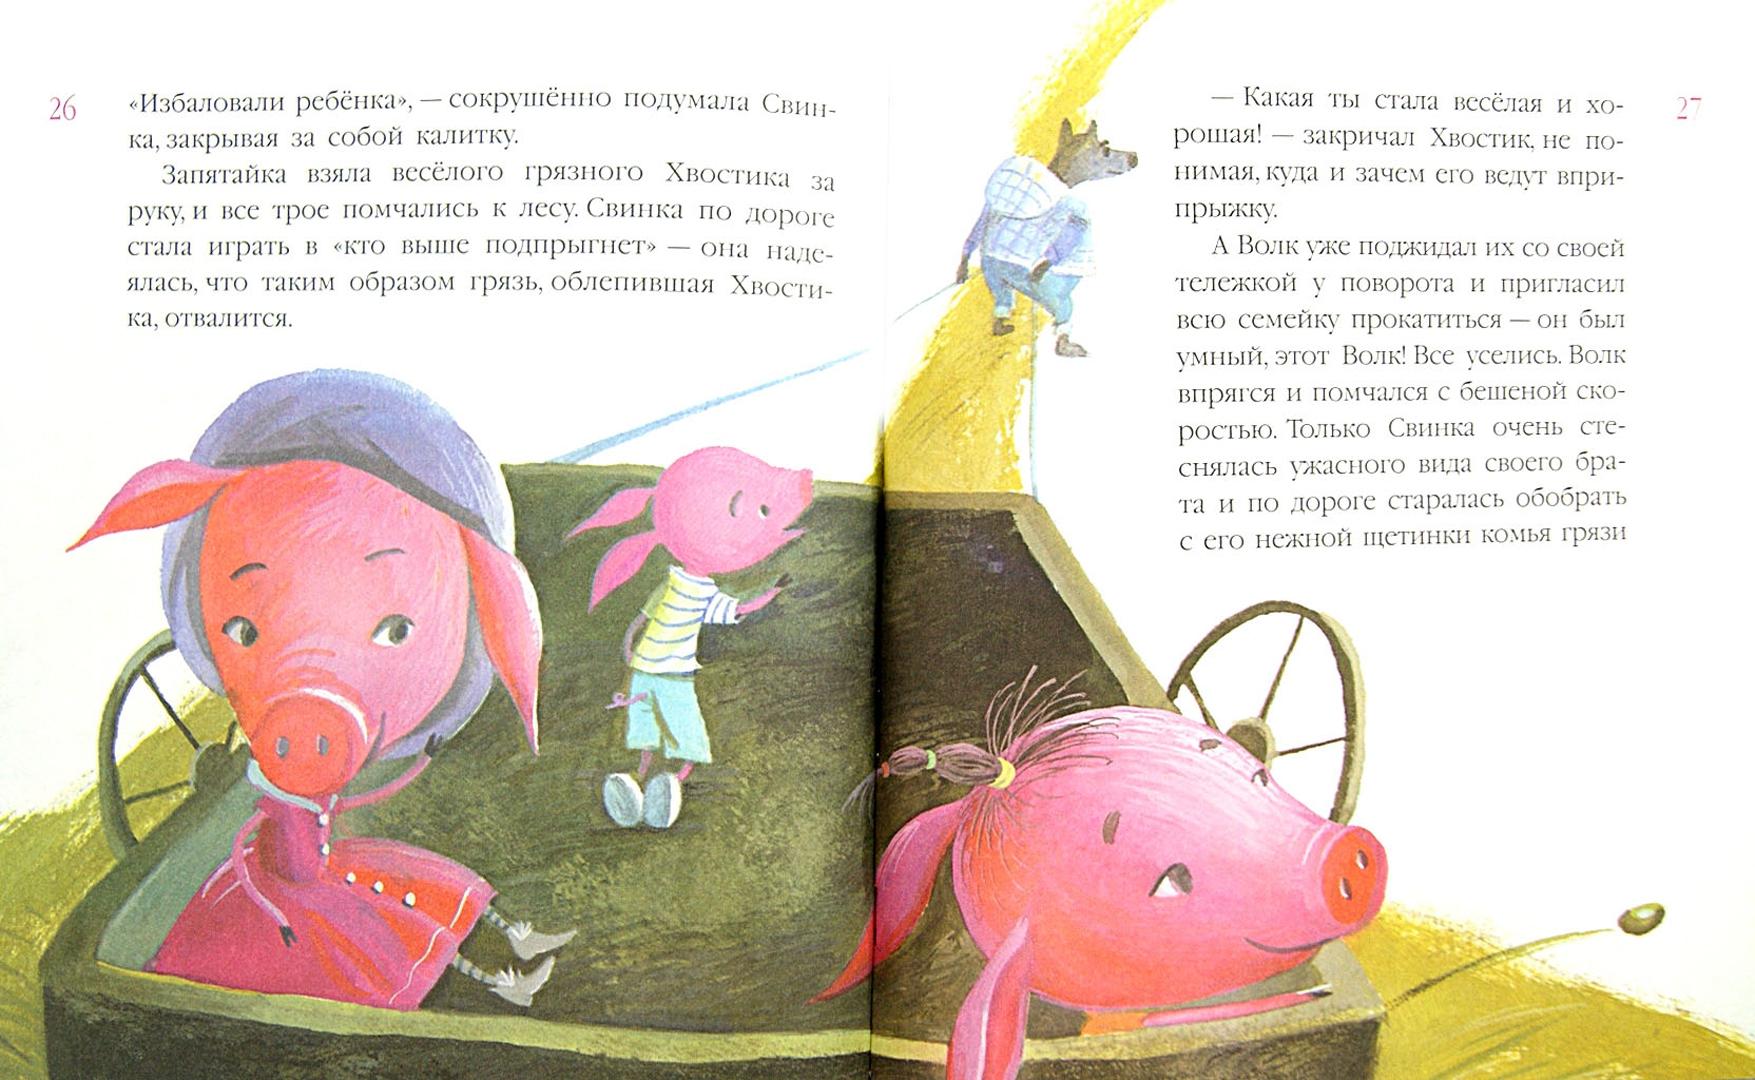 Иллюстрация 1 из 7 для Красивая Свинка - Людмила Петрушевская | Лабиринт - книги. Источник: Лабиринт